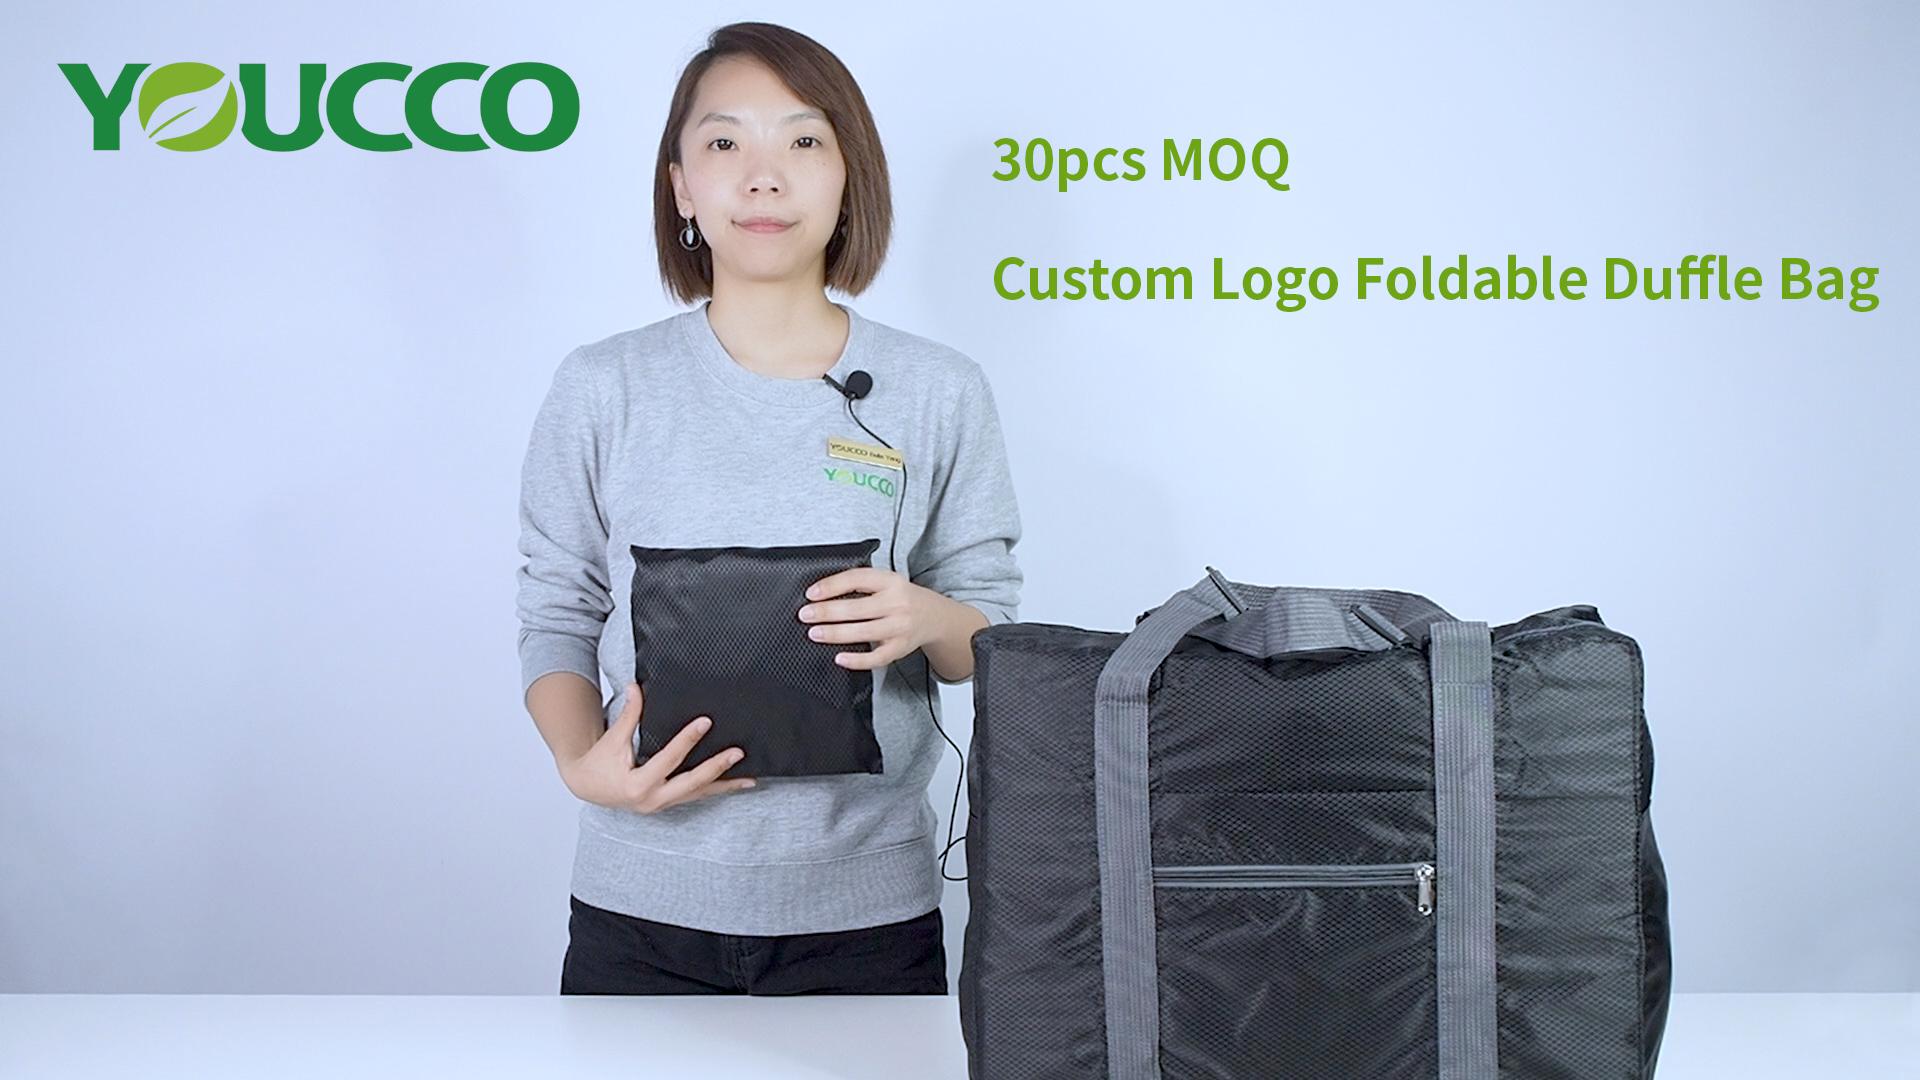 30pcs MOQ Custom Best Roomy and Foldable Travel Duffel Bag 210201